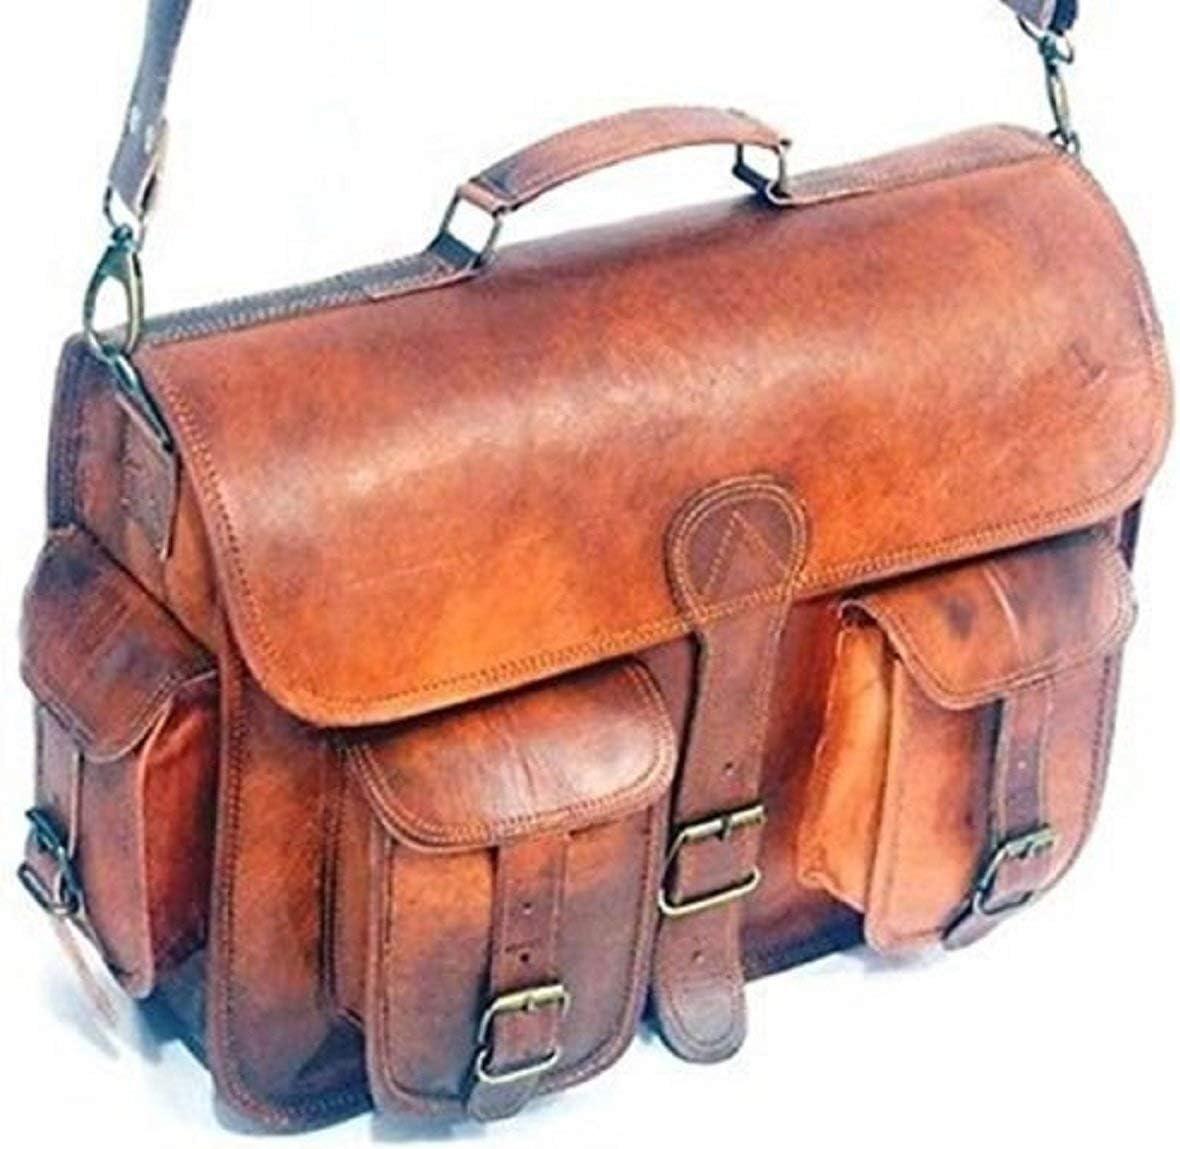 Handmade Vintage Brown Leather Briefcase Satchel Messenger Bag 16